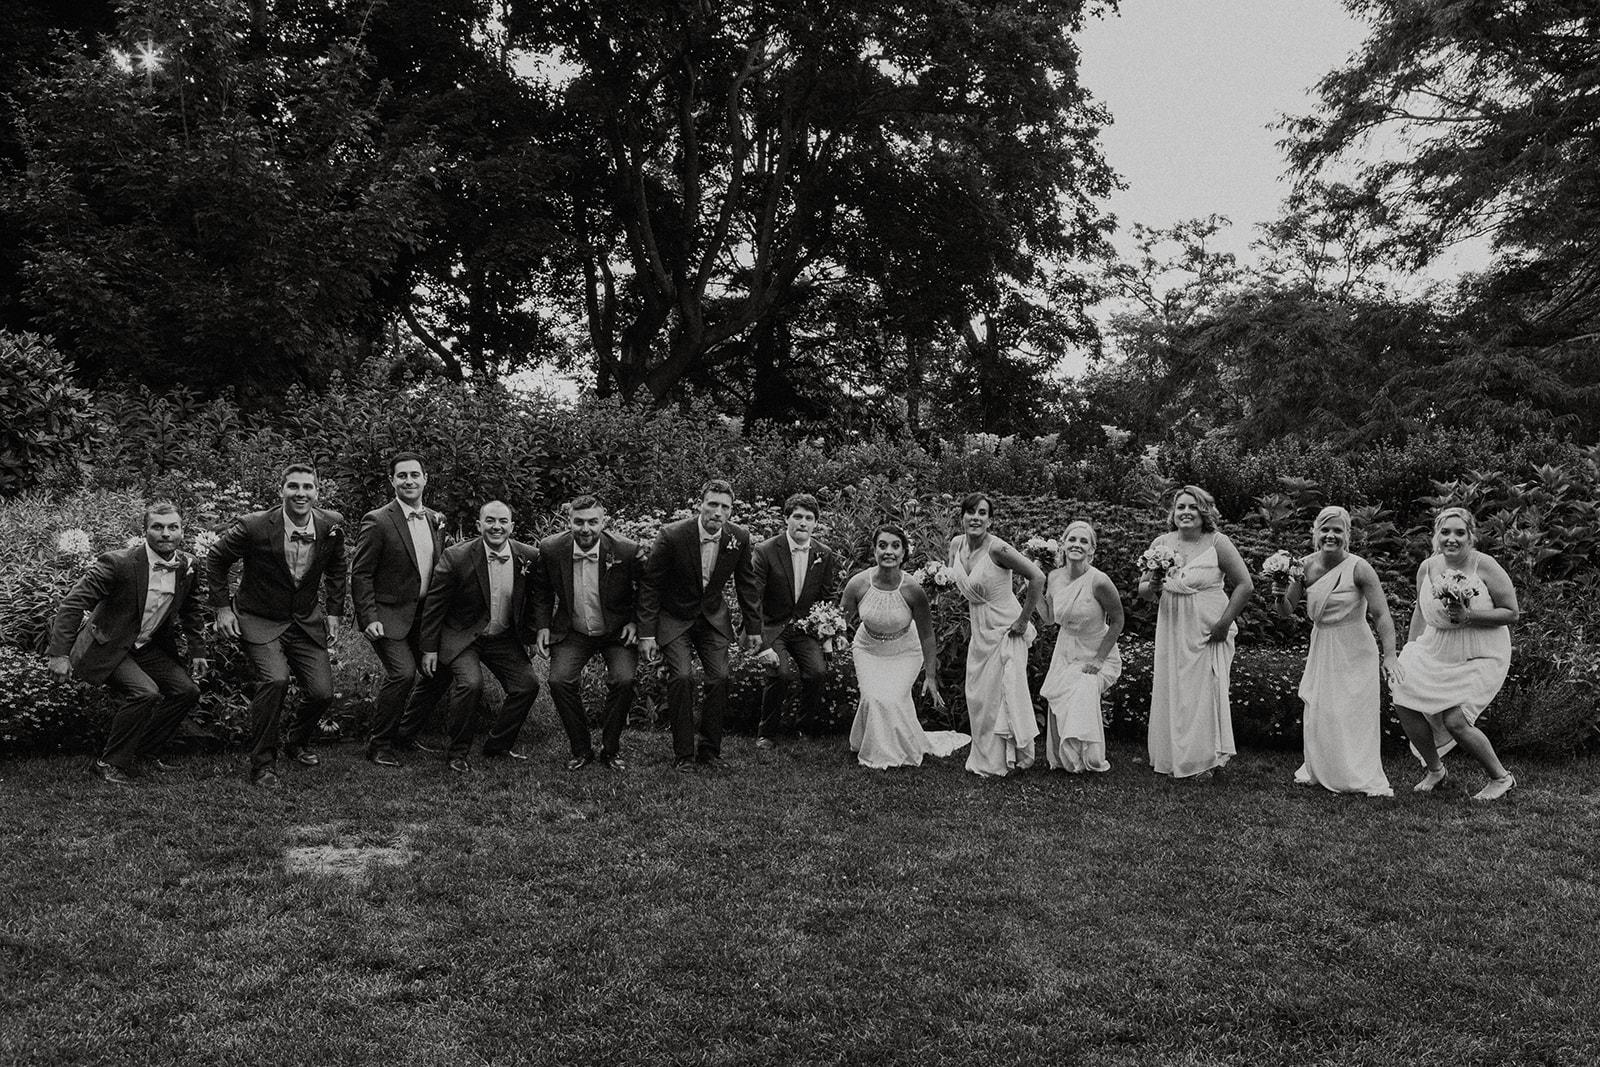 weddingparty-9115.jpg